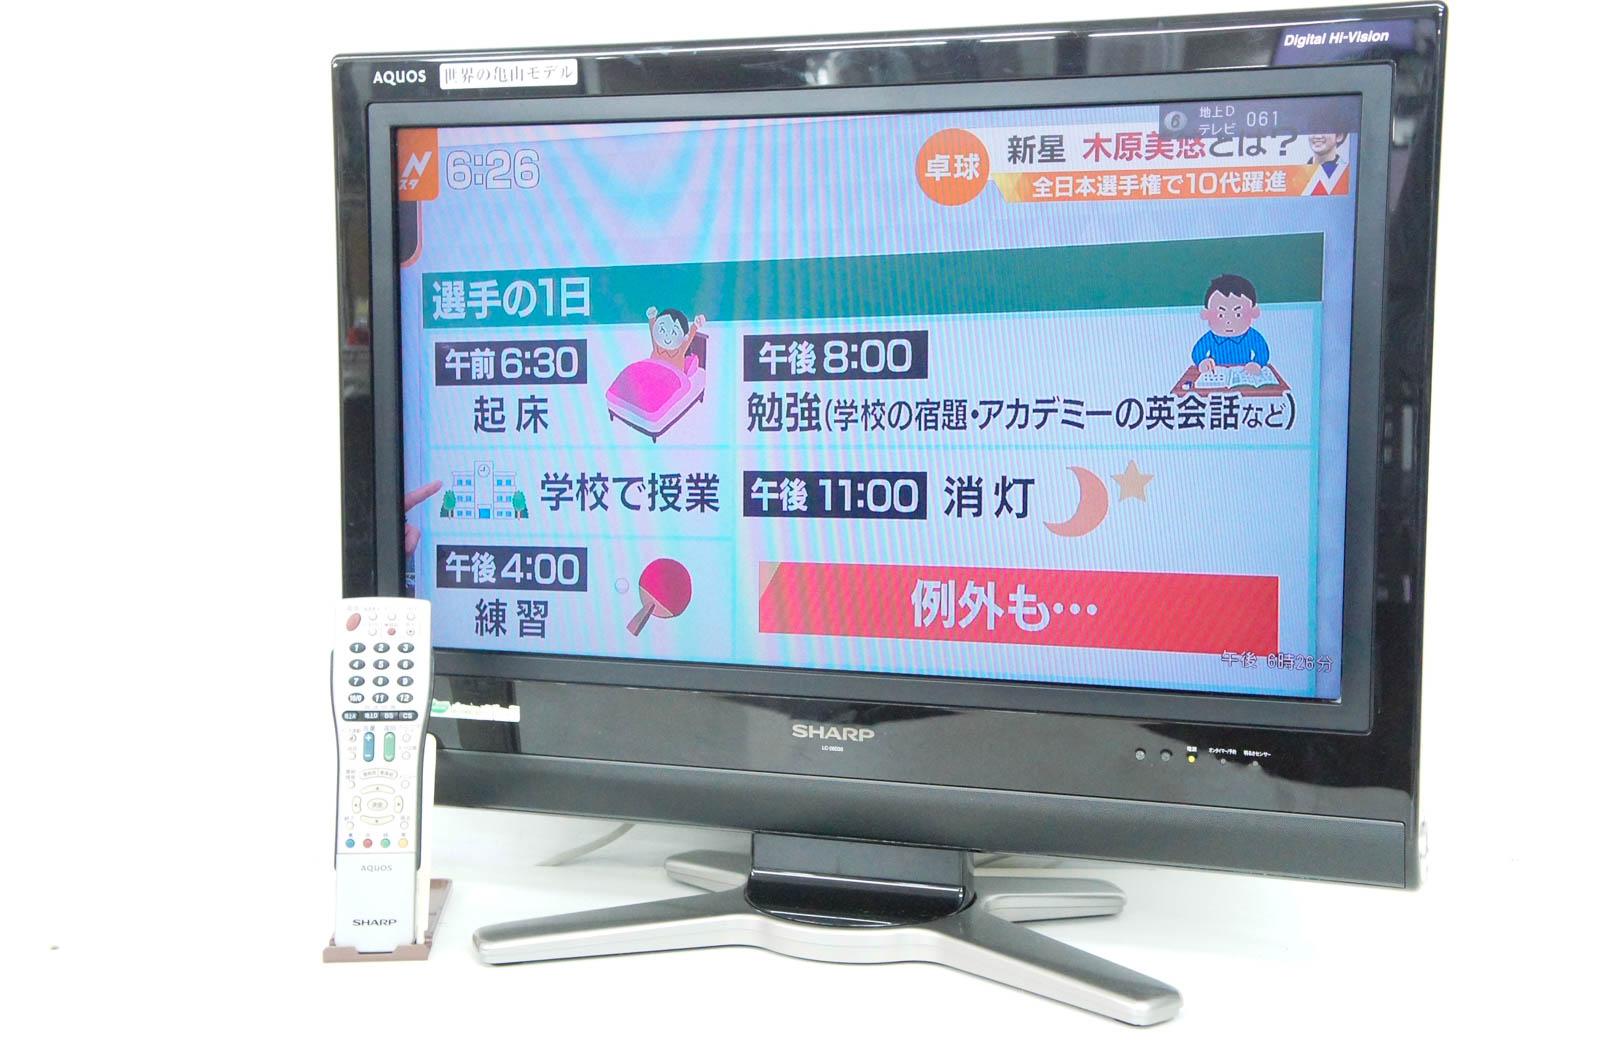 【中古】SHARPシャープ 地上・BS・110度CSデジタルハイビジョン液晶テレビ LC-26D30 26V型